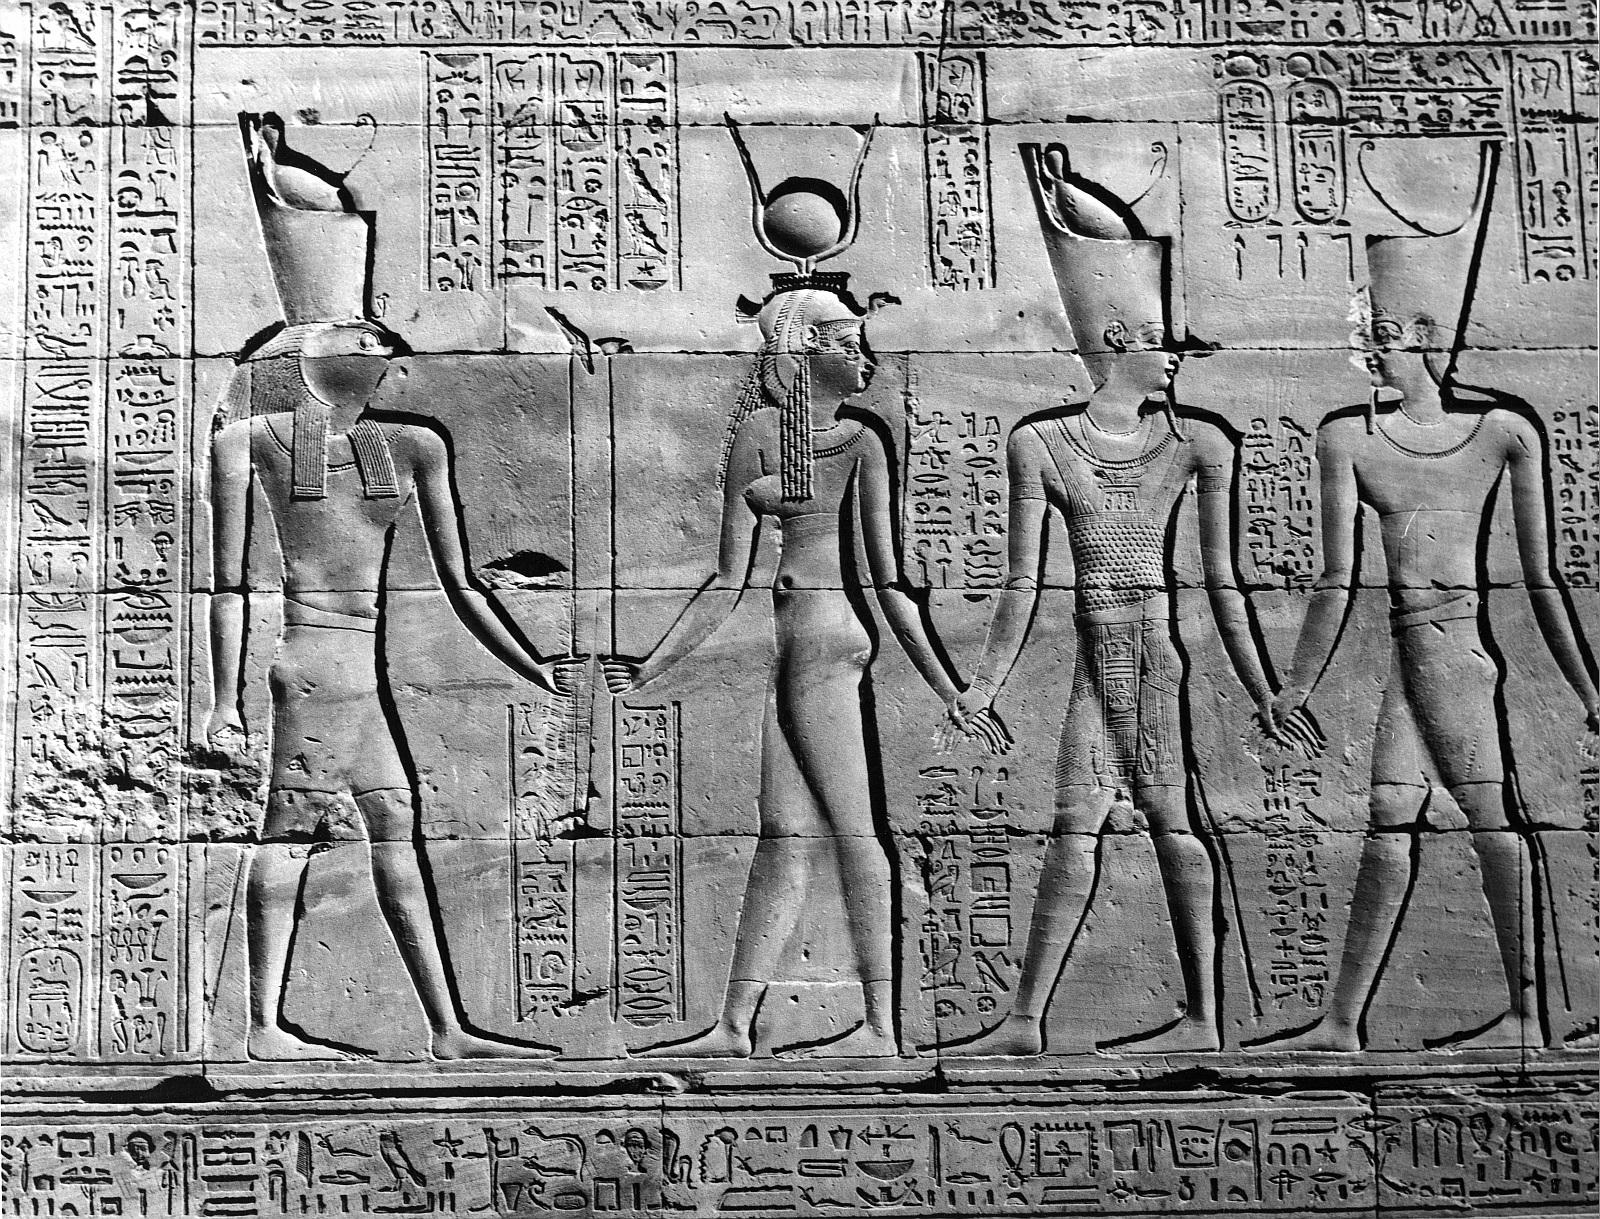 Эдфу. Храм Хоруса. Рельеф «Процессия богов» на внутренней стороне окружной стены